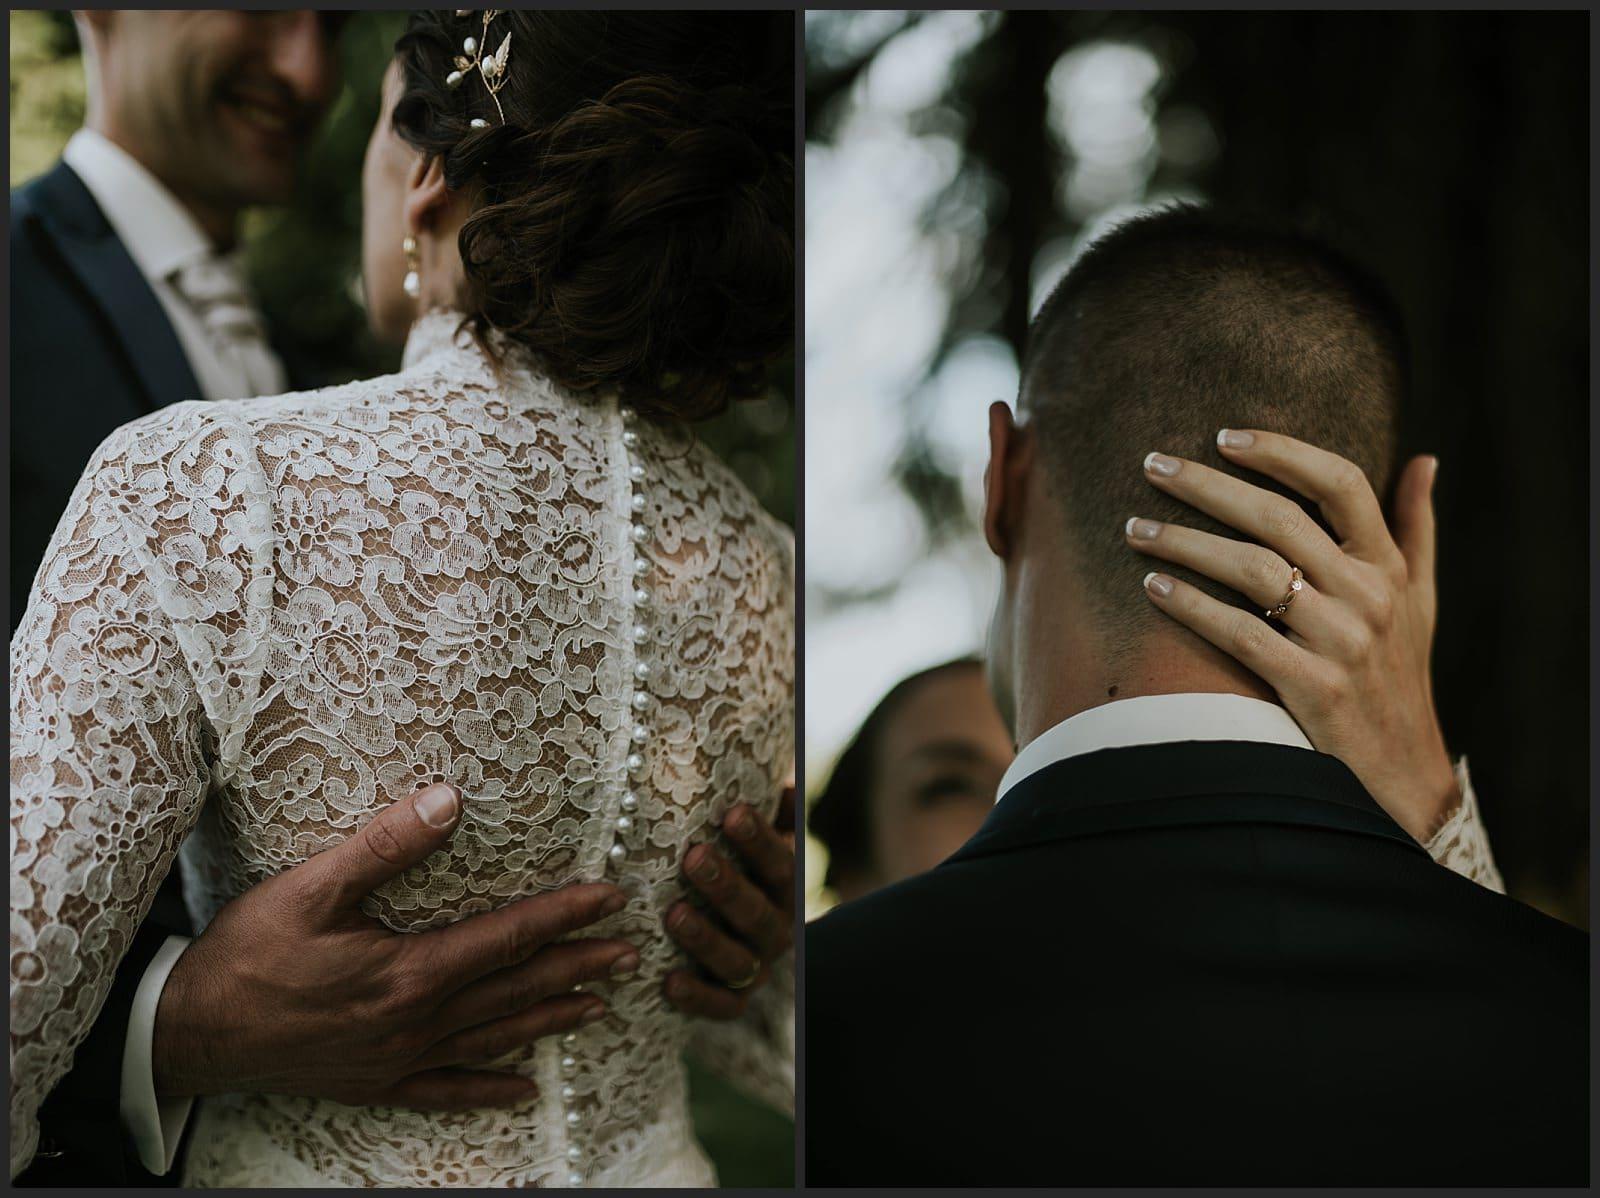 chateau St Antoine photo détails main et robe en dentelle mariée créée par Céline Haudebourg et Lorenzo Visconti